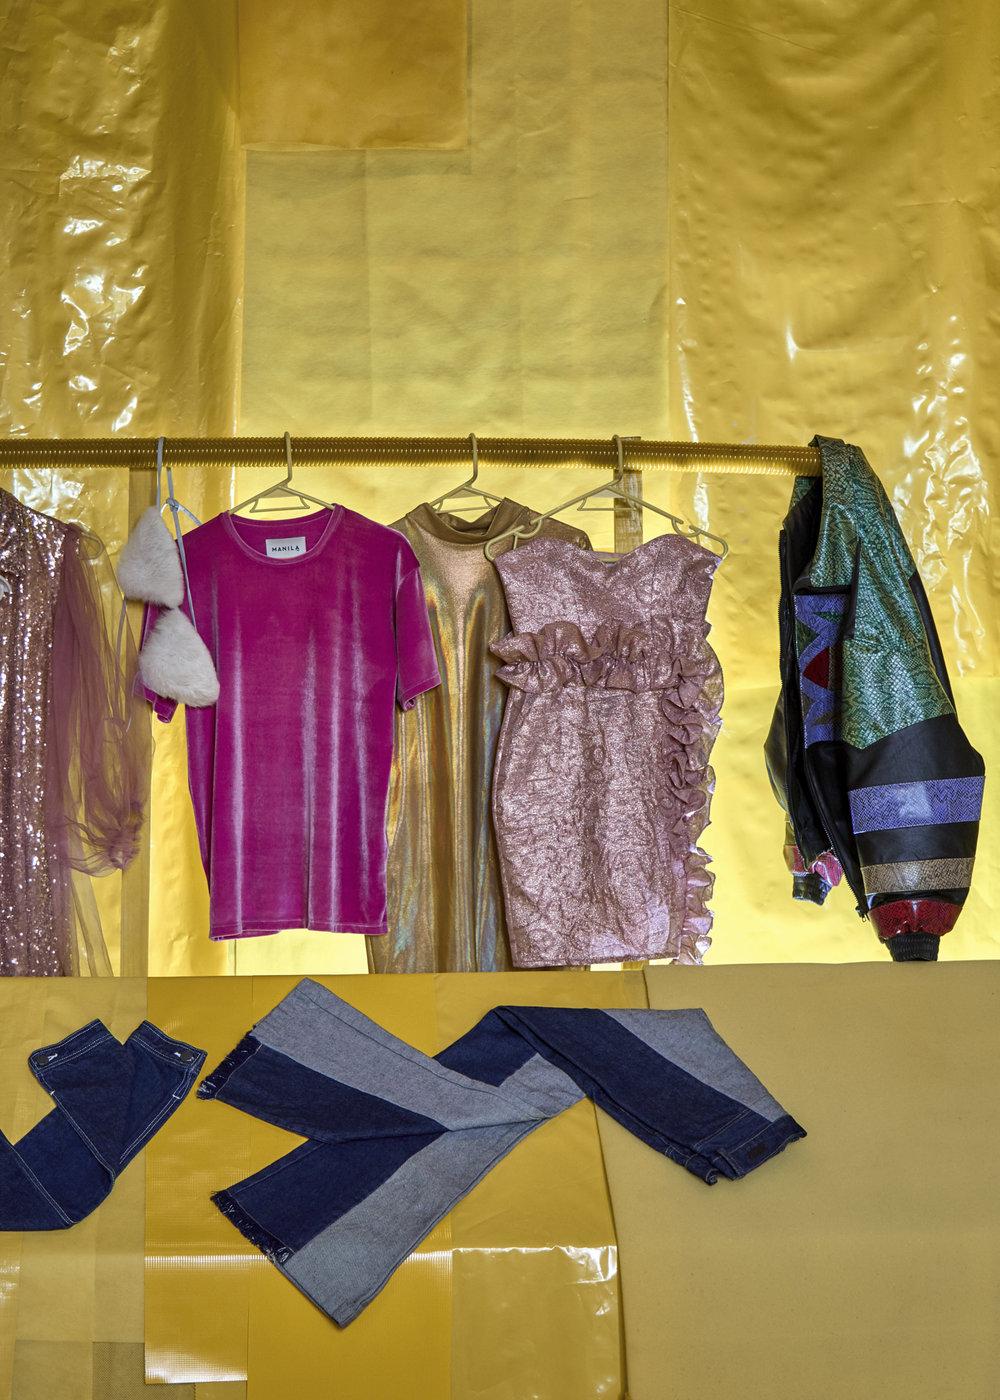 En sentido del reloj: Vestido lentejuelas de Gregorio Cayetano, bikini, tshirt y vestido tornasol de Maison Manila, vestido rosa de Pink Magnolia, chaqueta de cuero de Paloma Lira, jeans de Piso Uno.